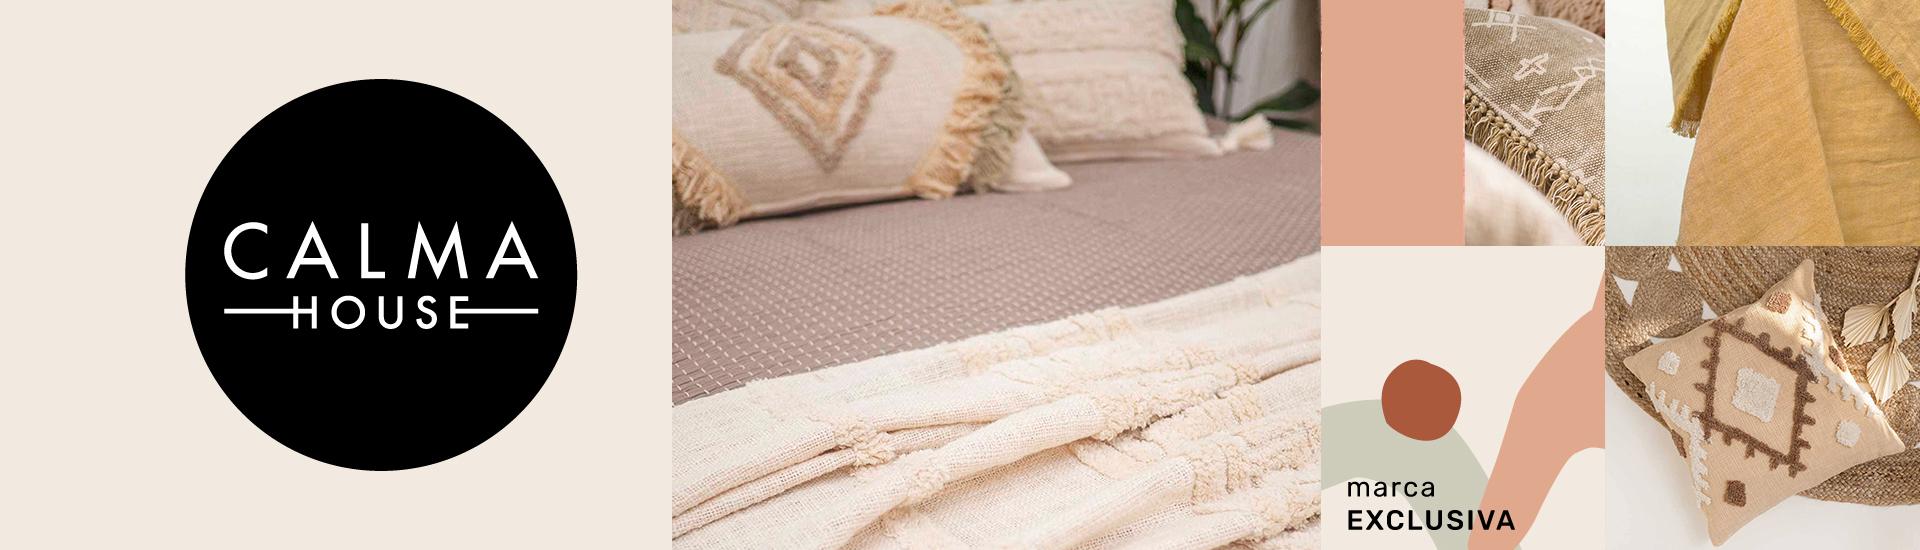 nueva colección textiles calma house